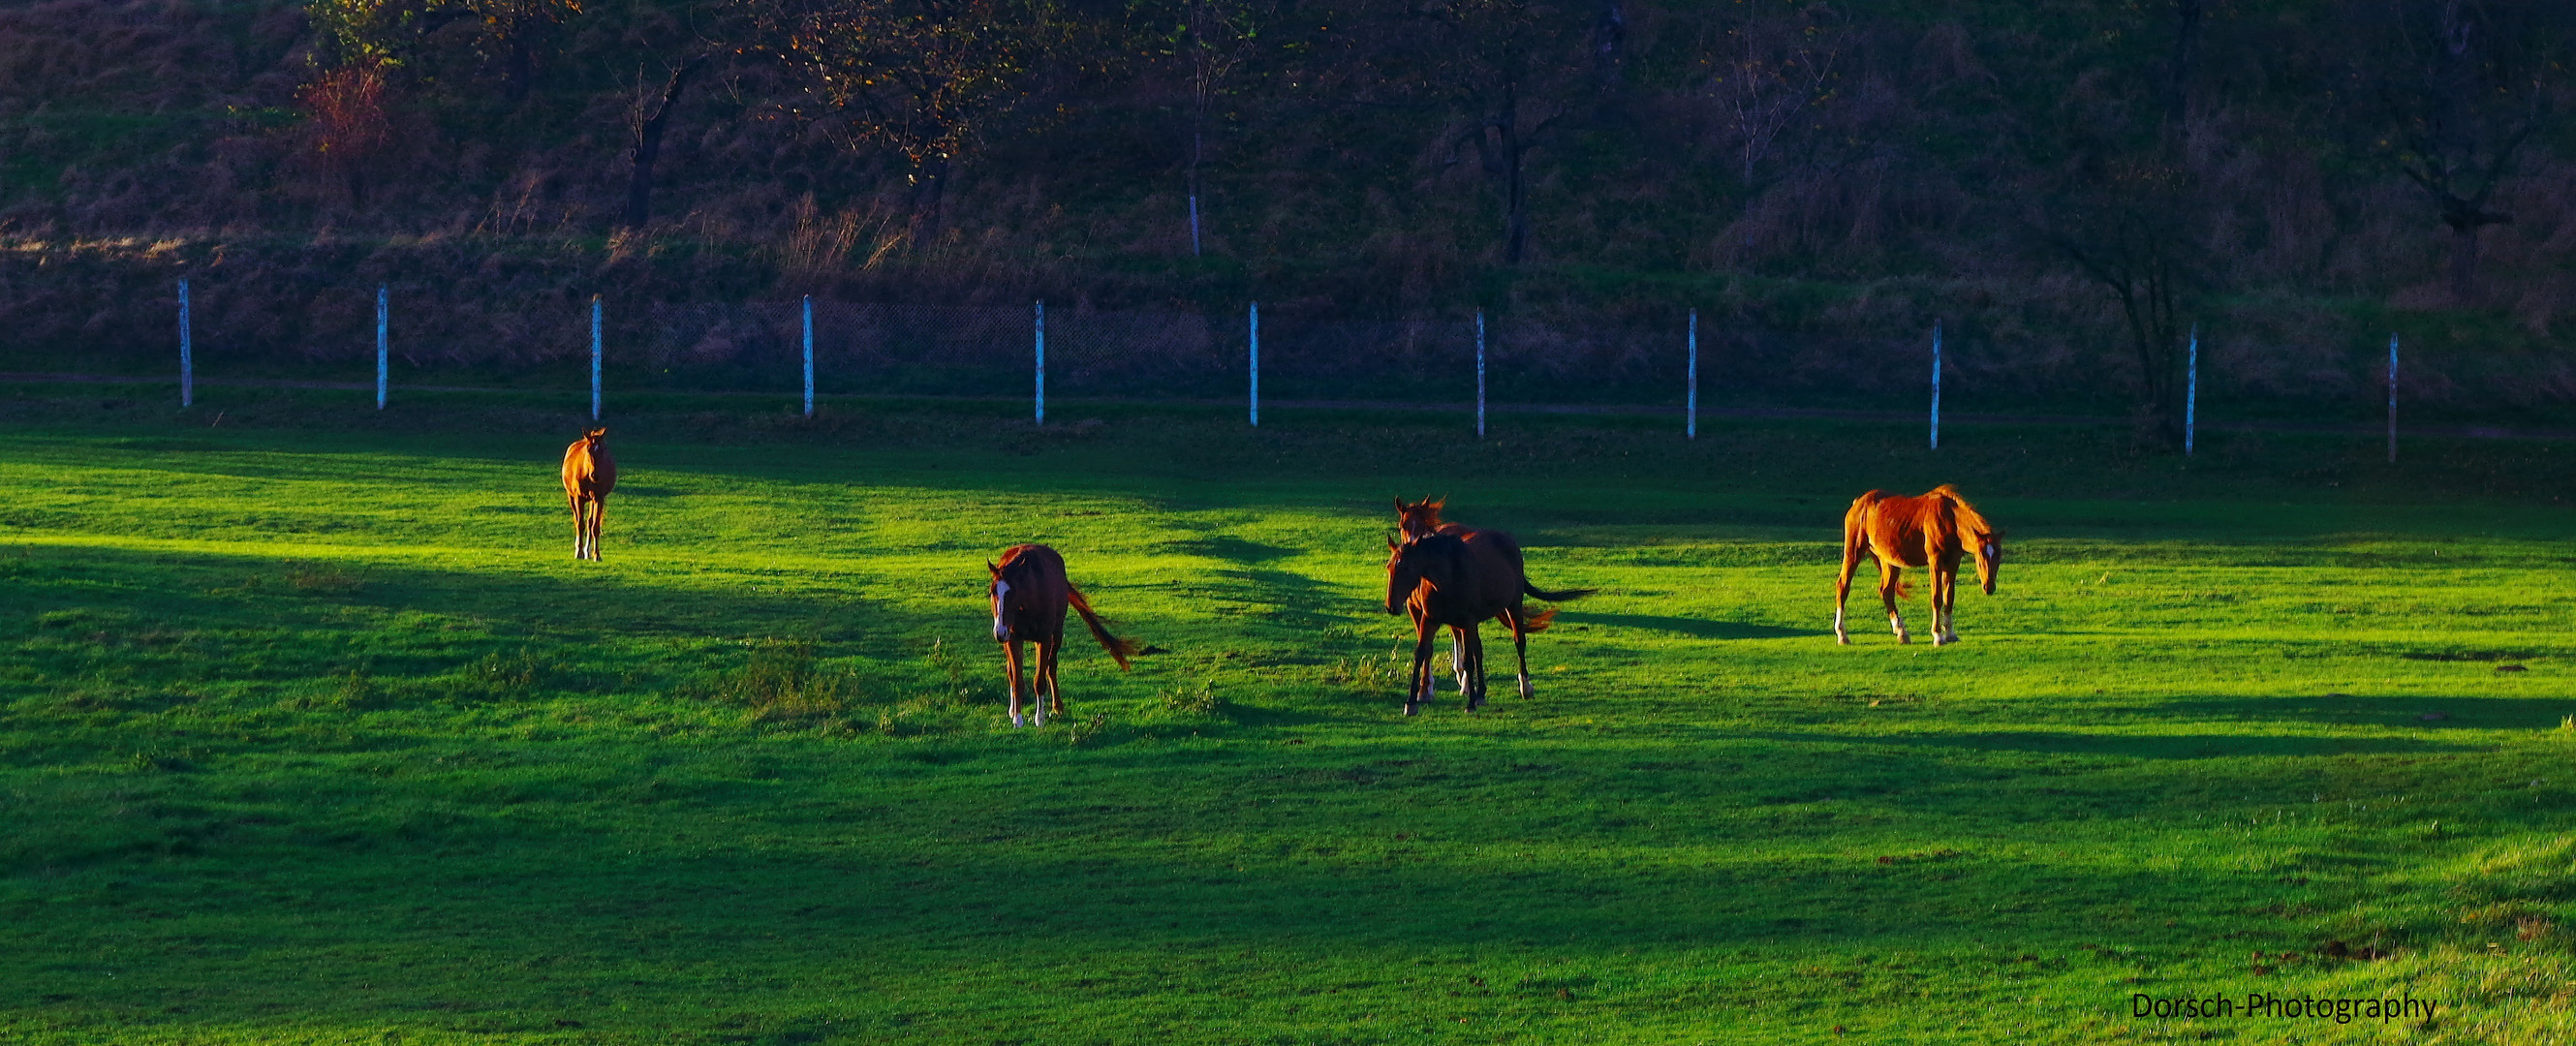 Pferdeauf der Koppel